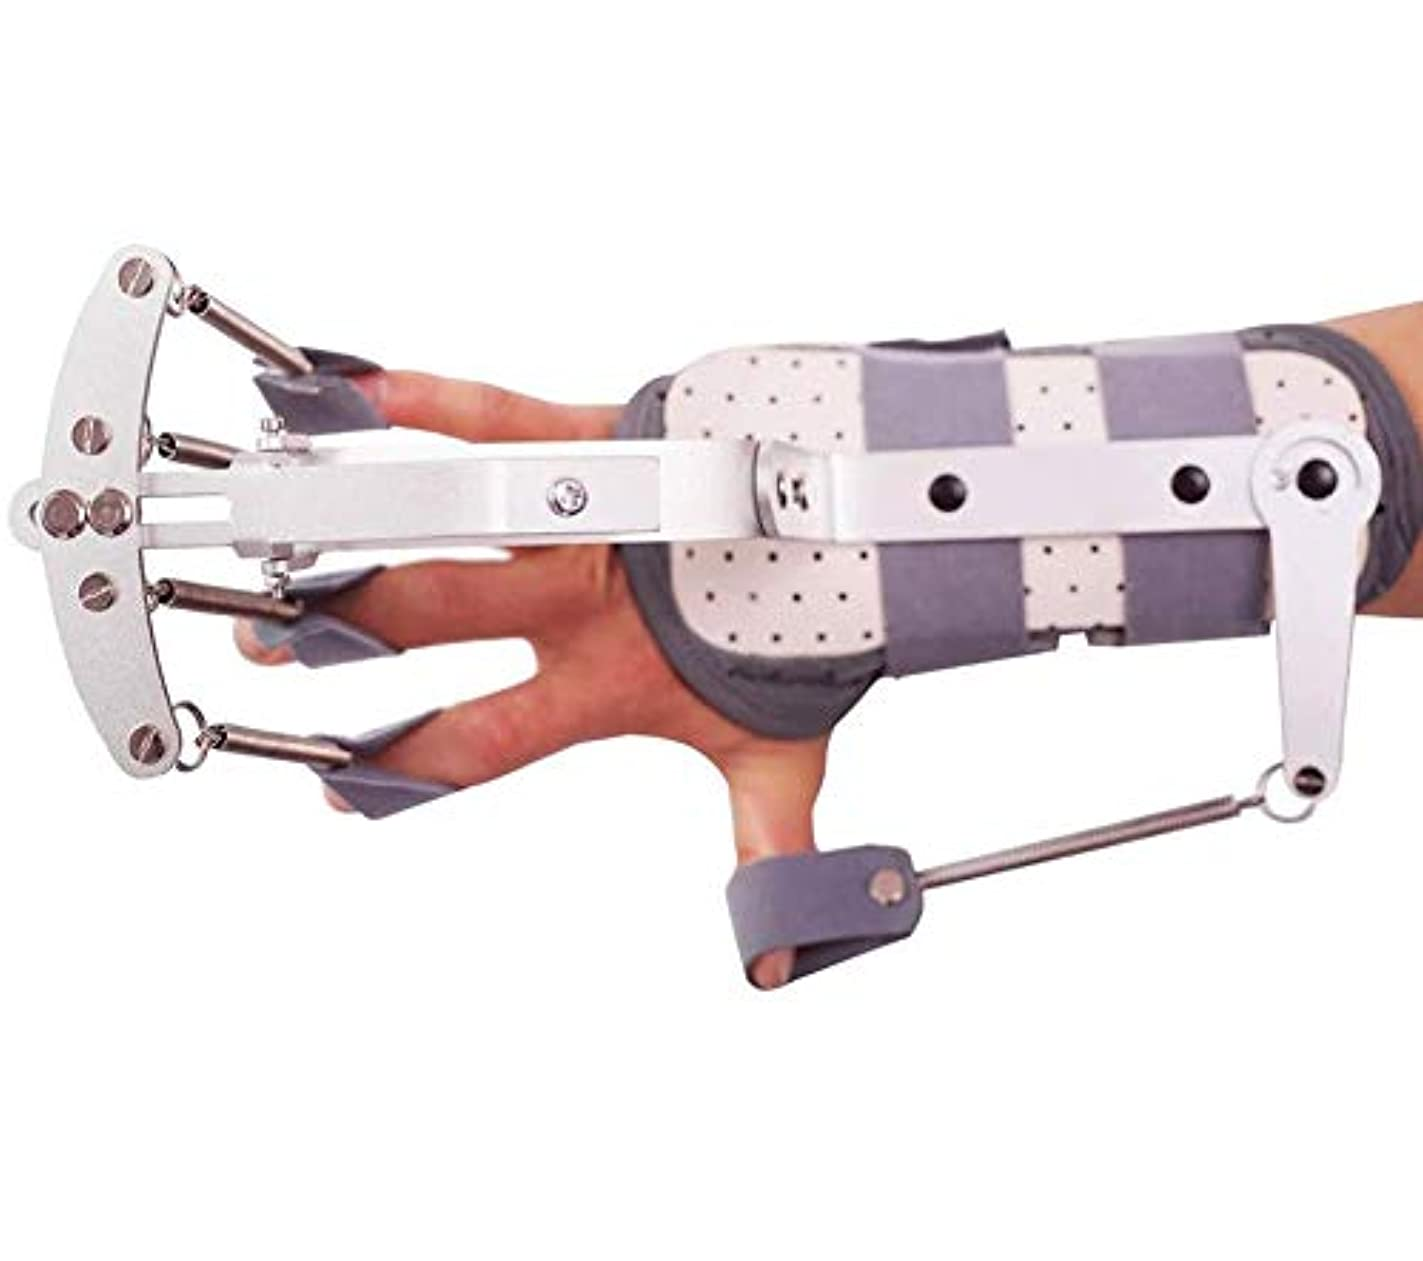 背の高い賞賛知性脳卒中片麻痺患者のあこがれ演習の修復のためのインソールFingerboardseparator、手首インソールプロテクターを、指、指のトレーナー指矯正ブレース